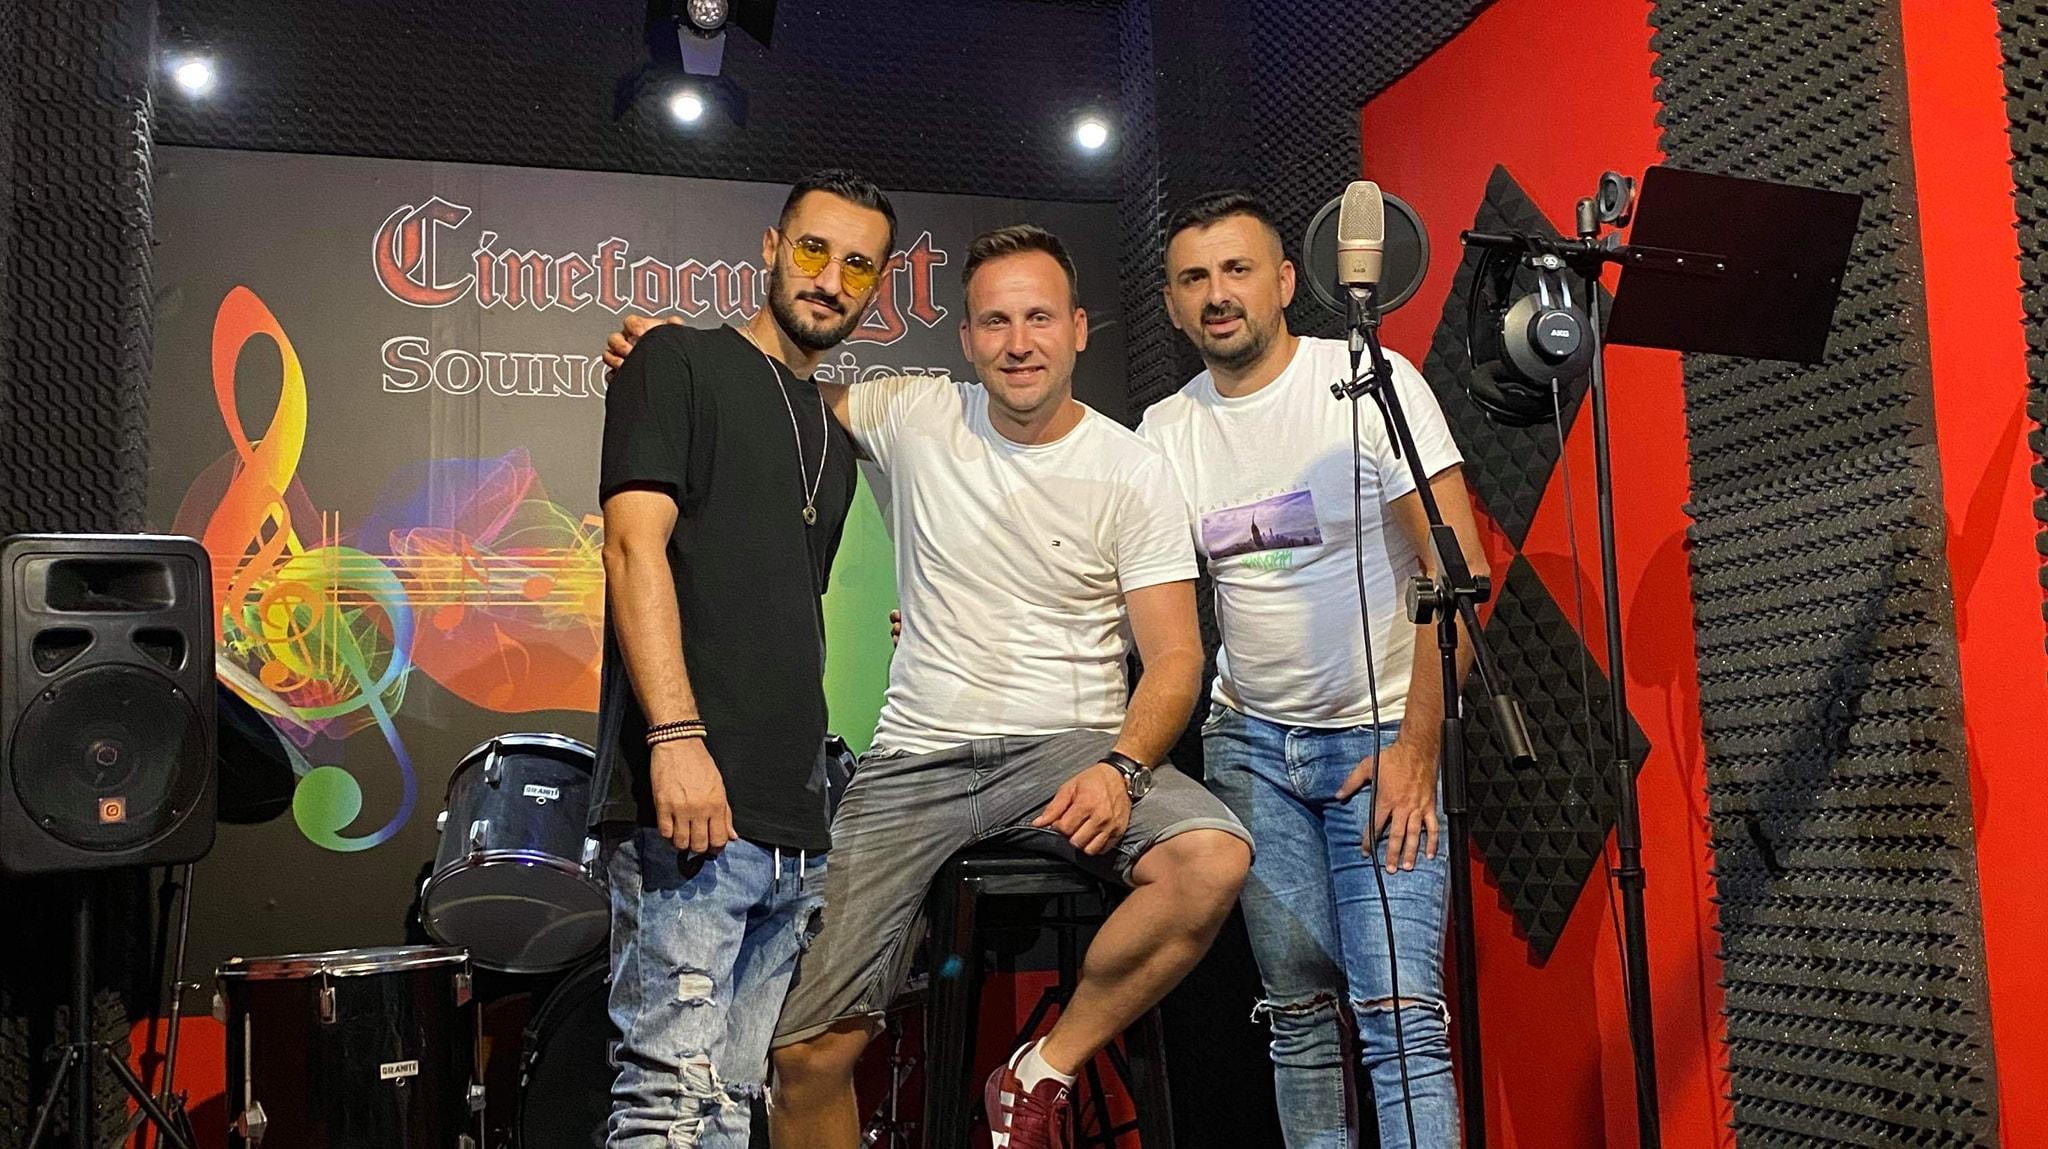 Grupi shqiptar që 'rilindi' në kohë karantine synon suksese